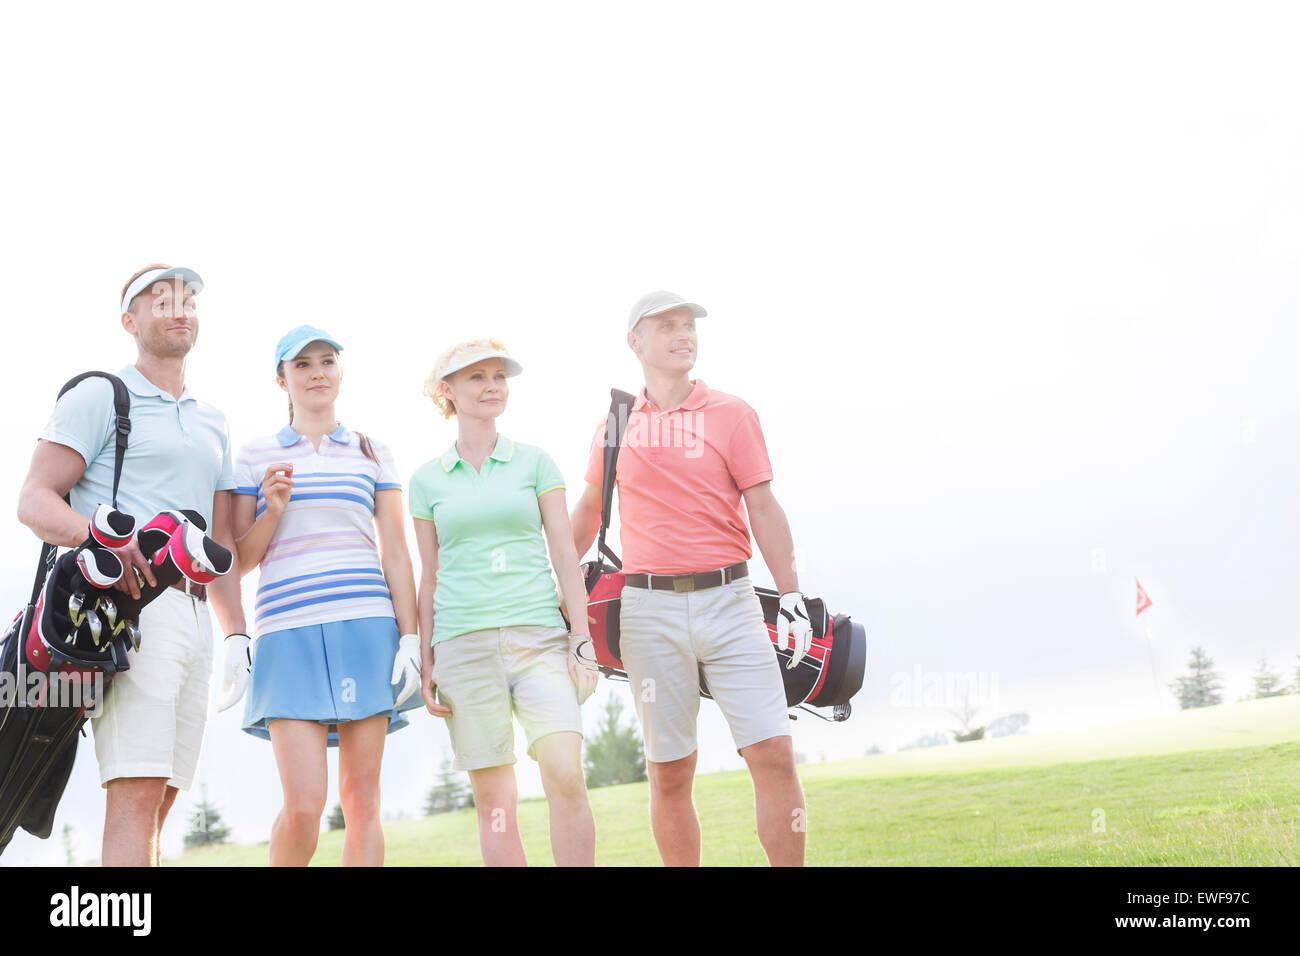 Amigos masculinos y femeninos de pie en el campo de golf contra el cielo claro Imagen De Stock